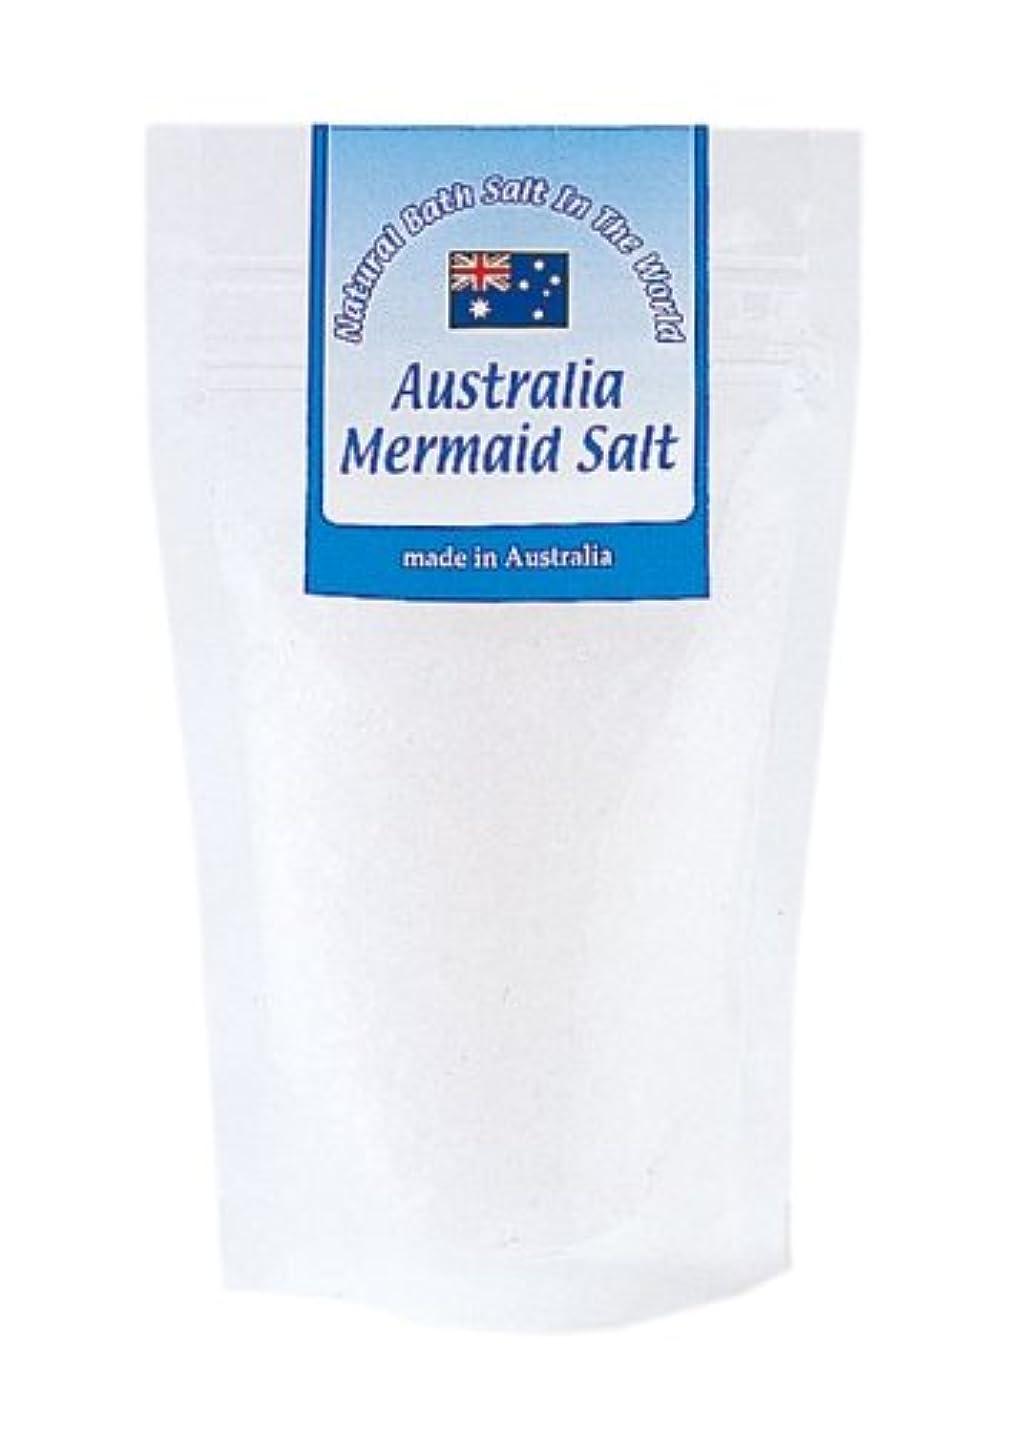 召集する抑止するボックスジーピークリエイツ 世界のバスソルト オーストラリア マーメイドソルトS